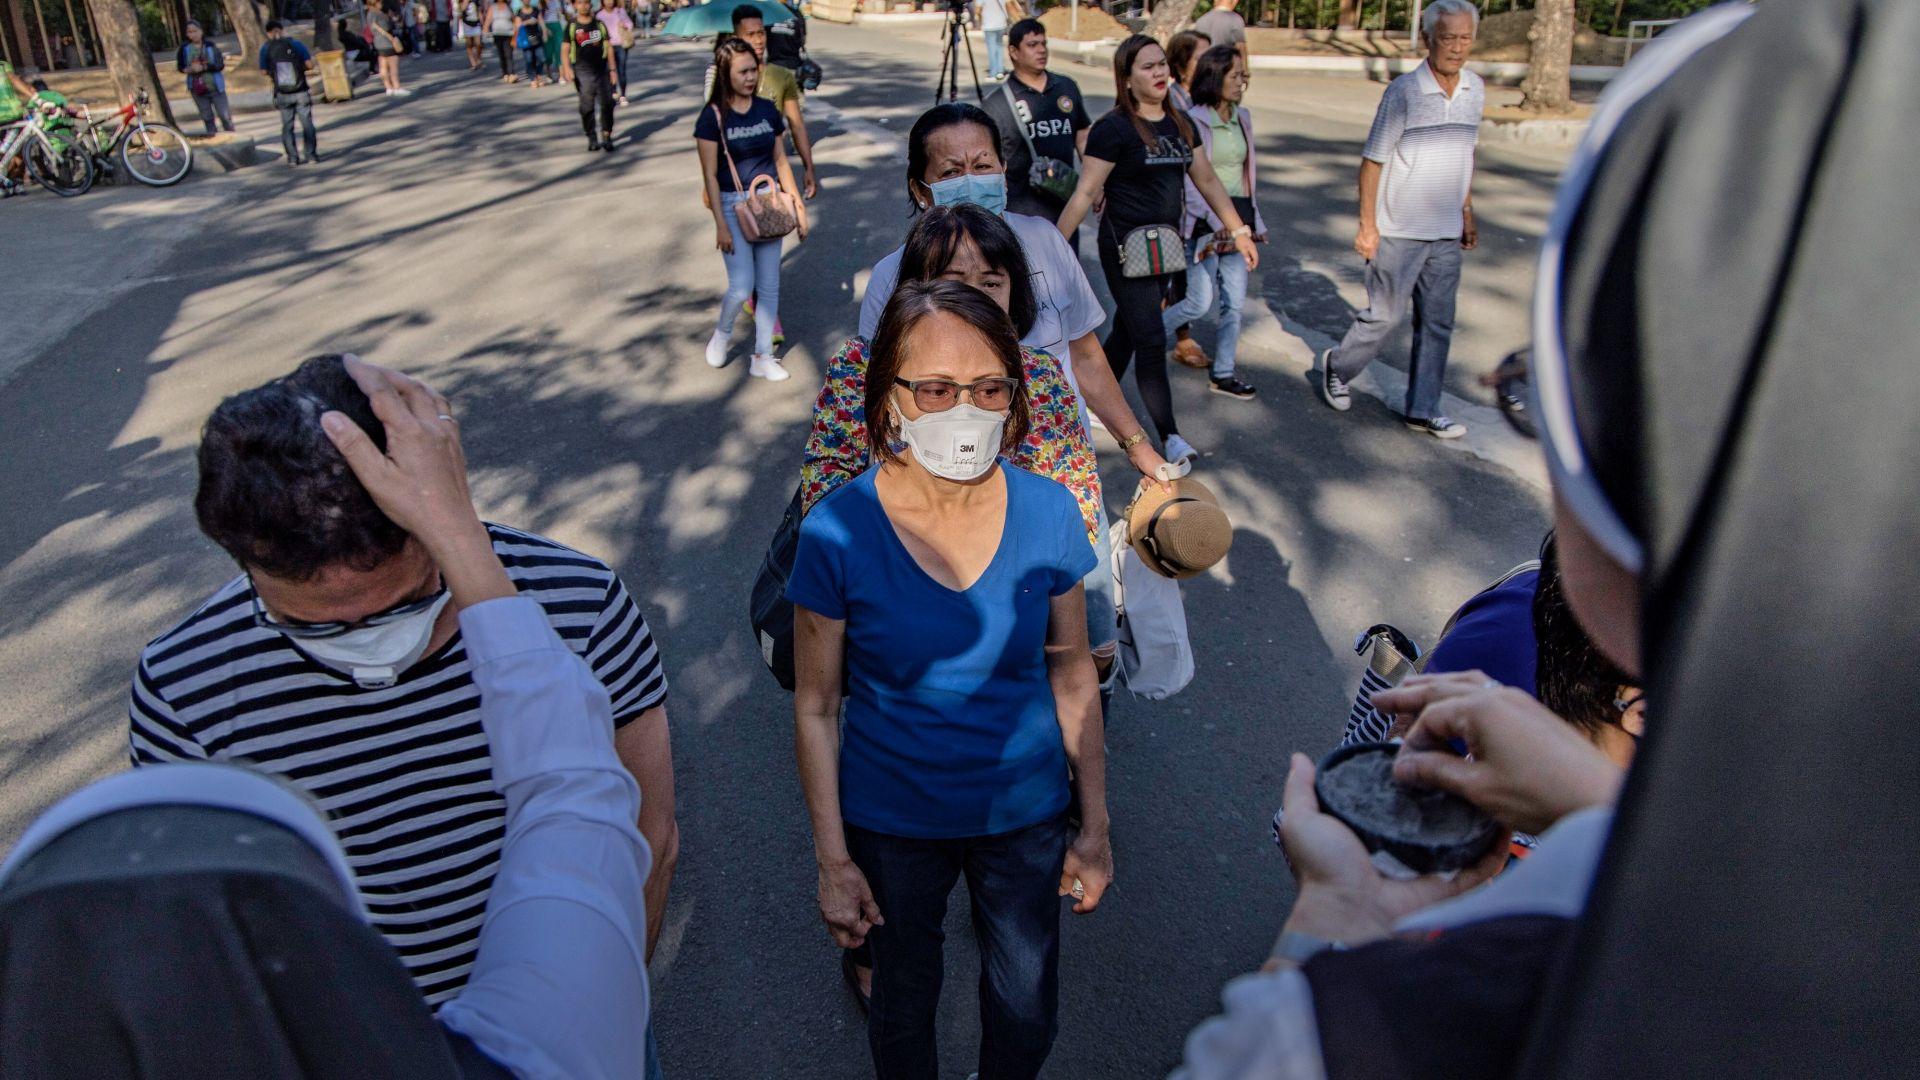 8 българи са блокирани на Филипините заради коронавируса